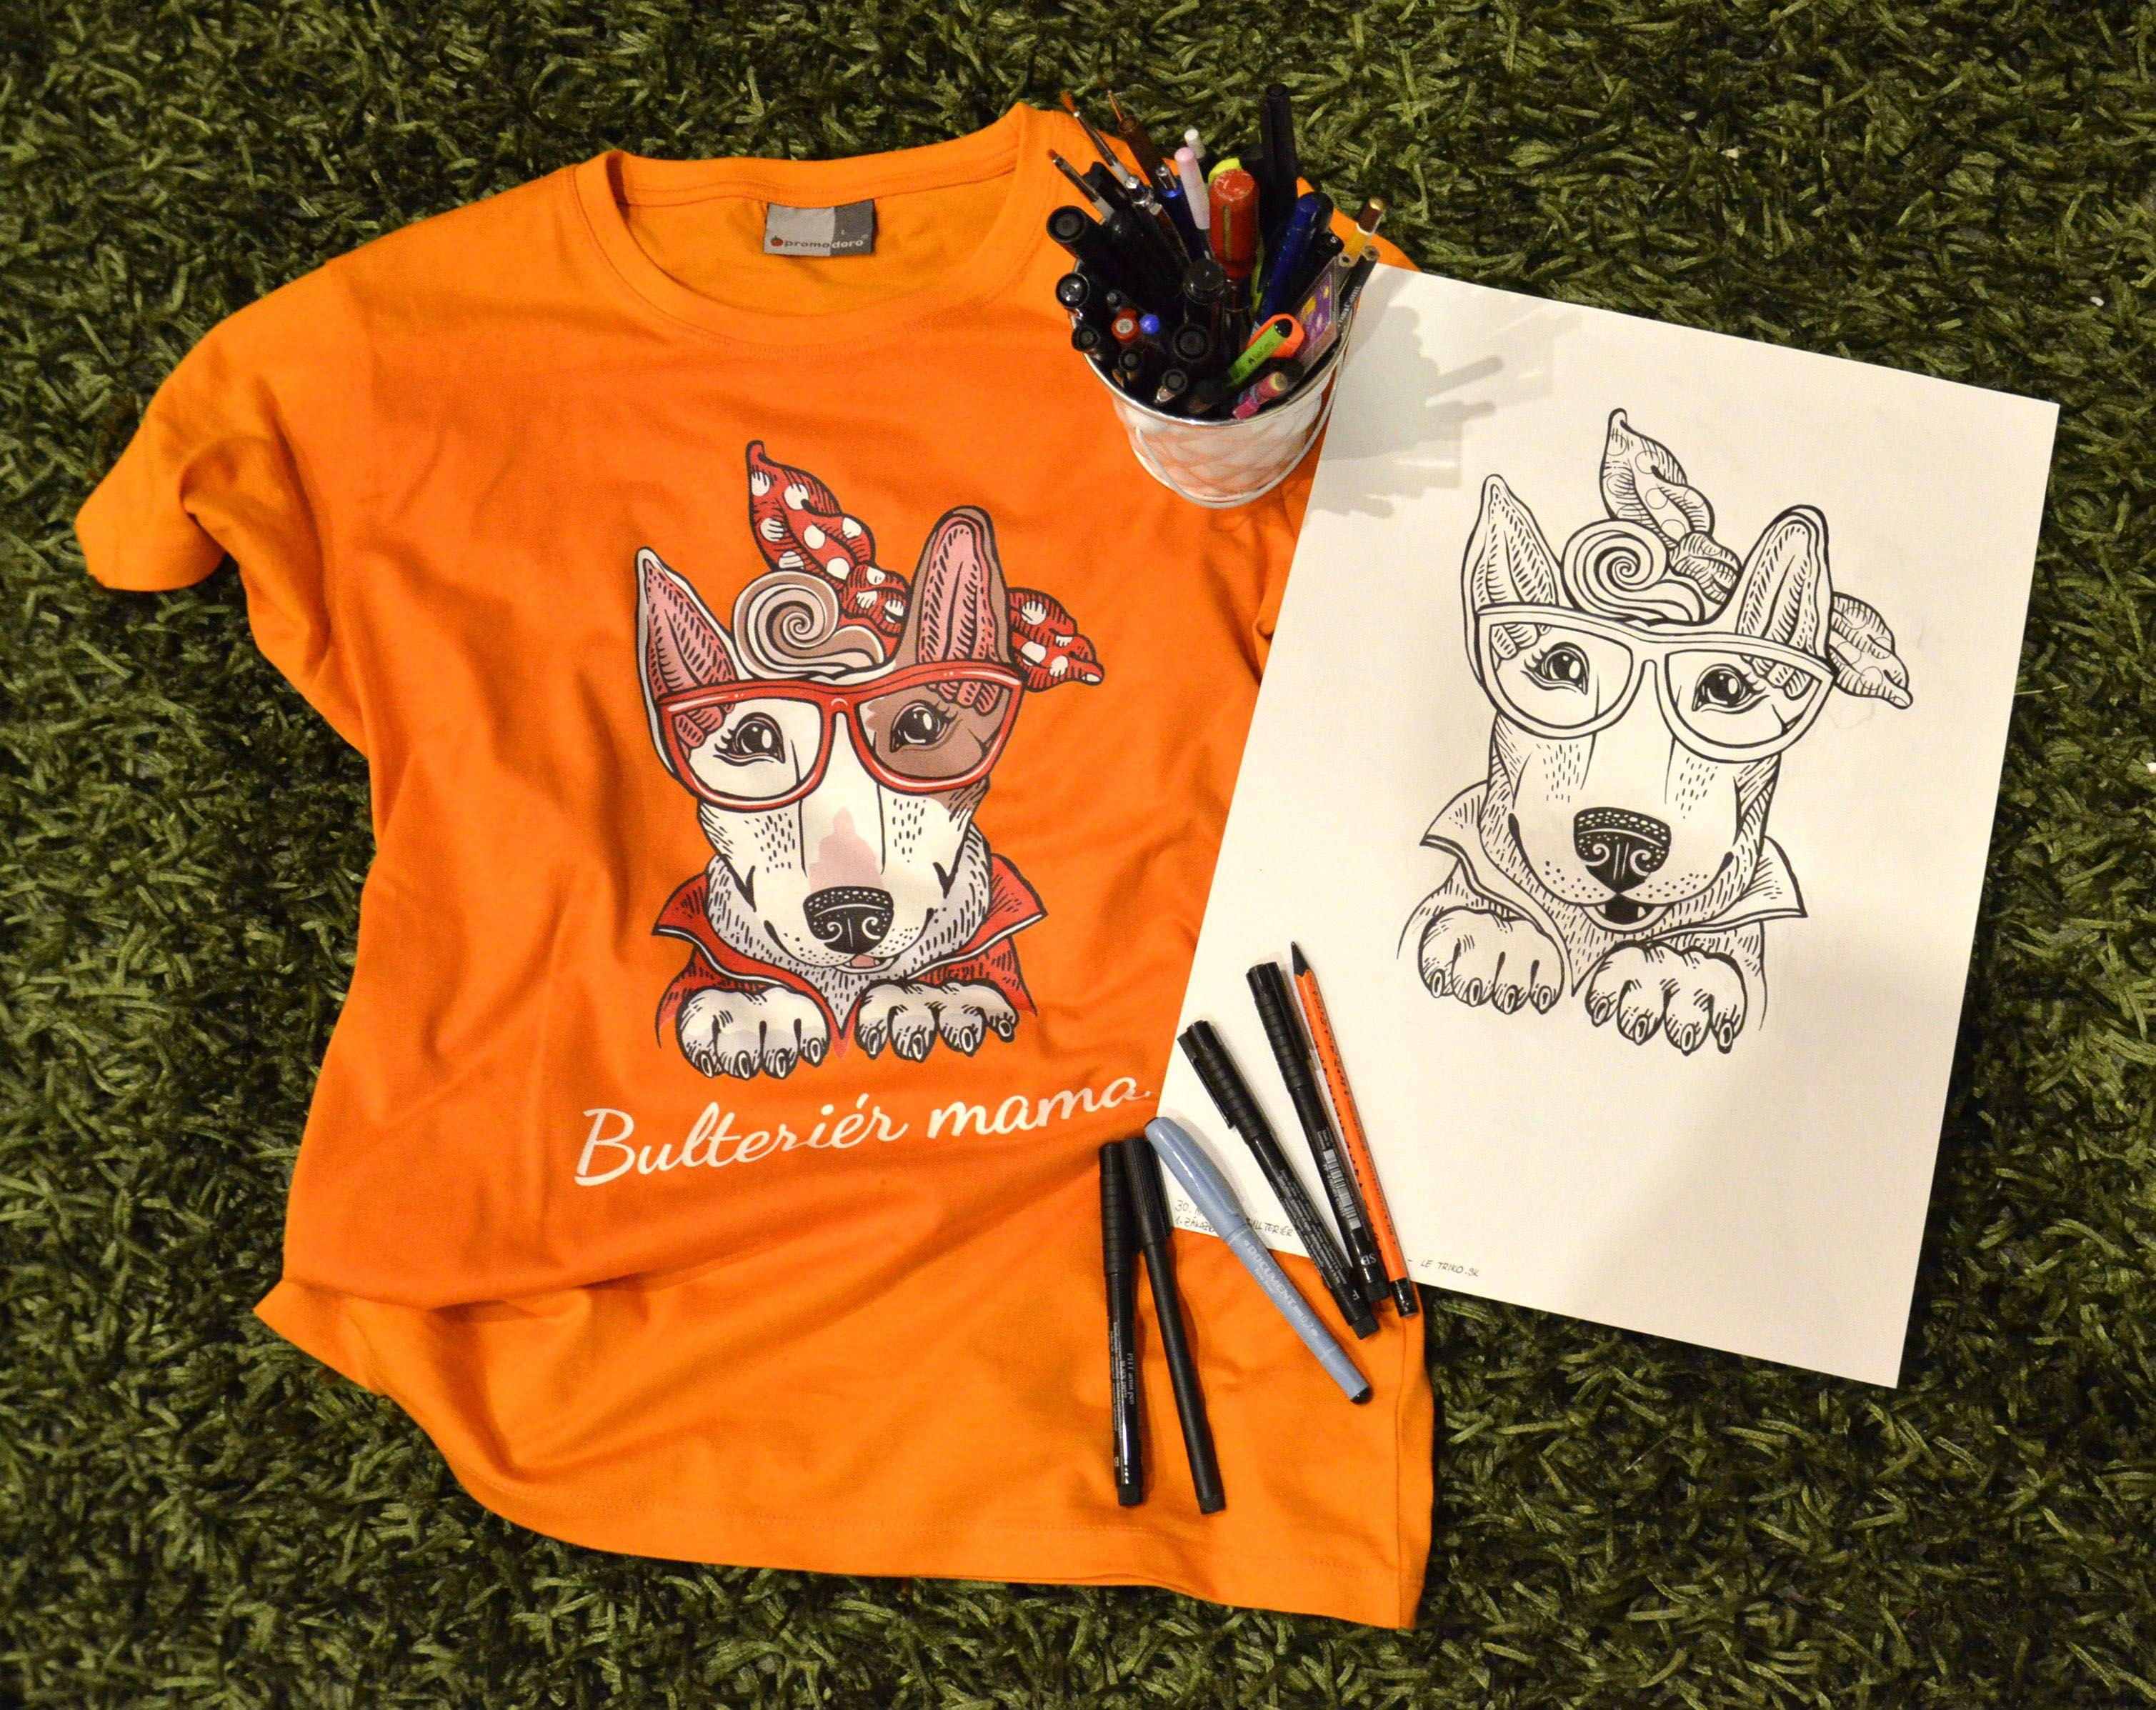 82af5527d823 Bulteriér mama - dámske tričko pre milovníčky psíka - bulteriéra. Krásne a  unikátne tričko